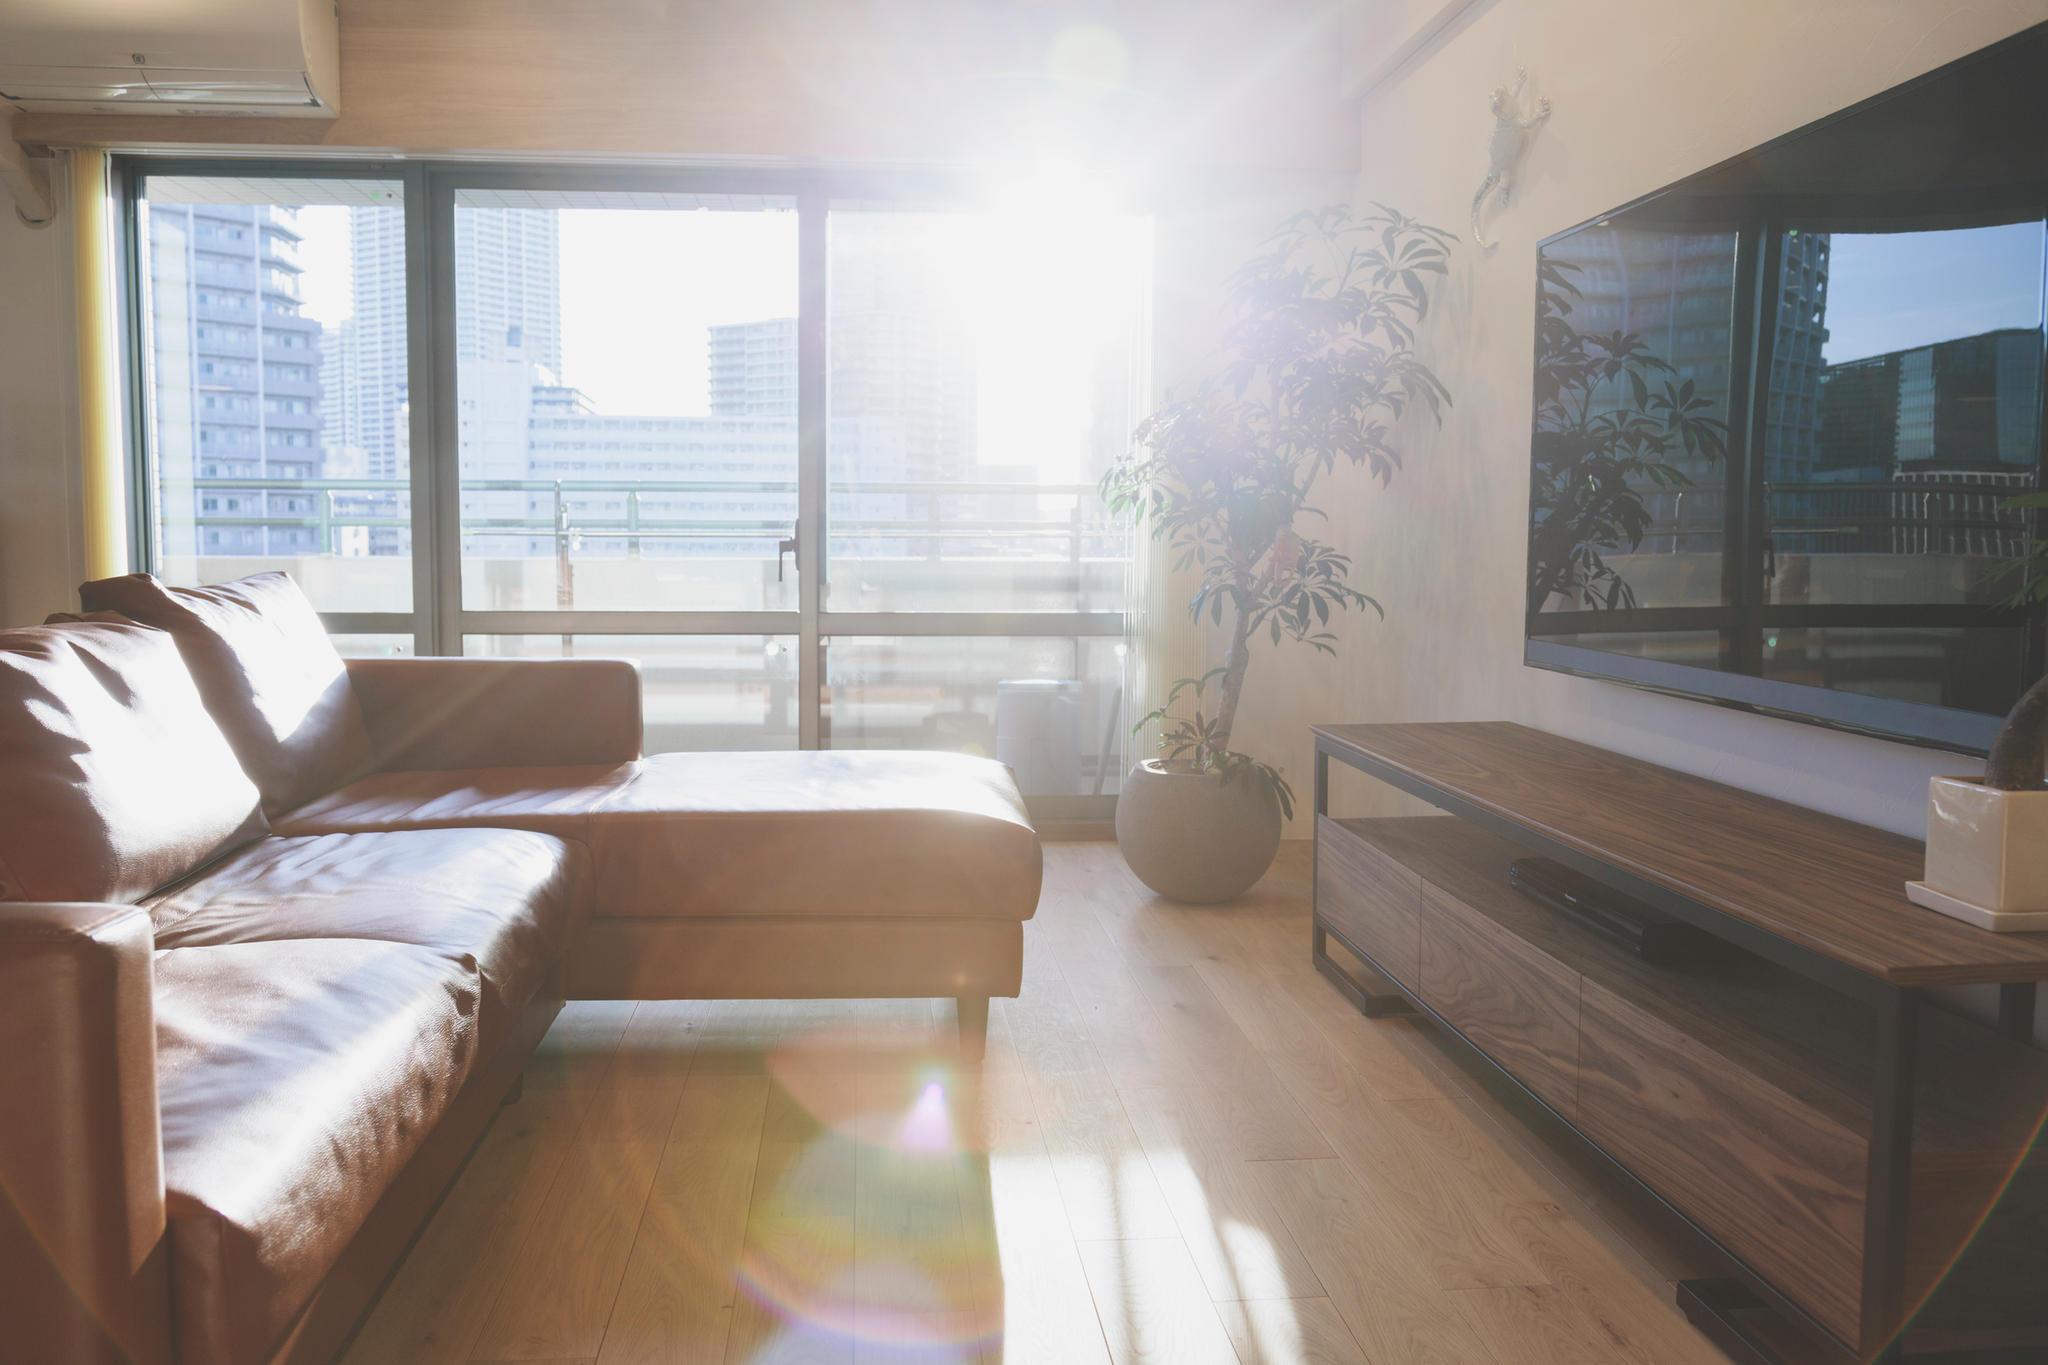 Staub entfernen: Vier effektive Tipps gegen lästigen Staub in der Wohnung